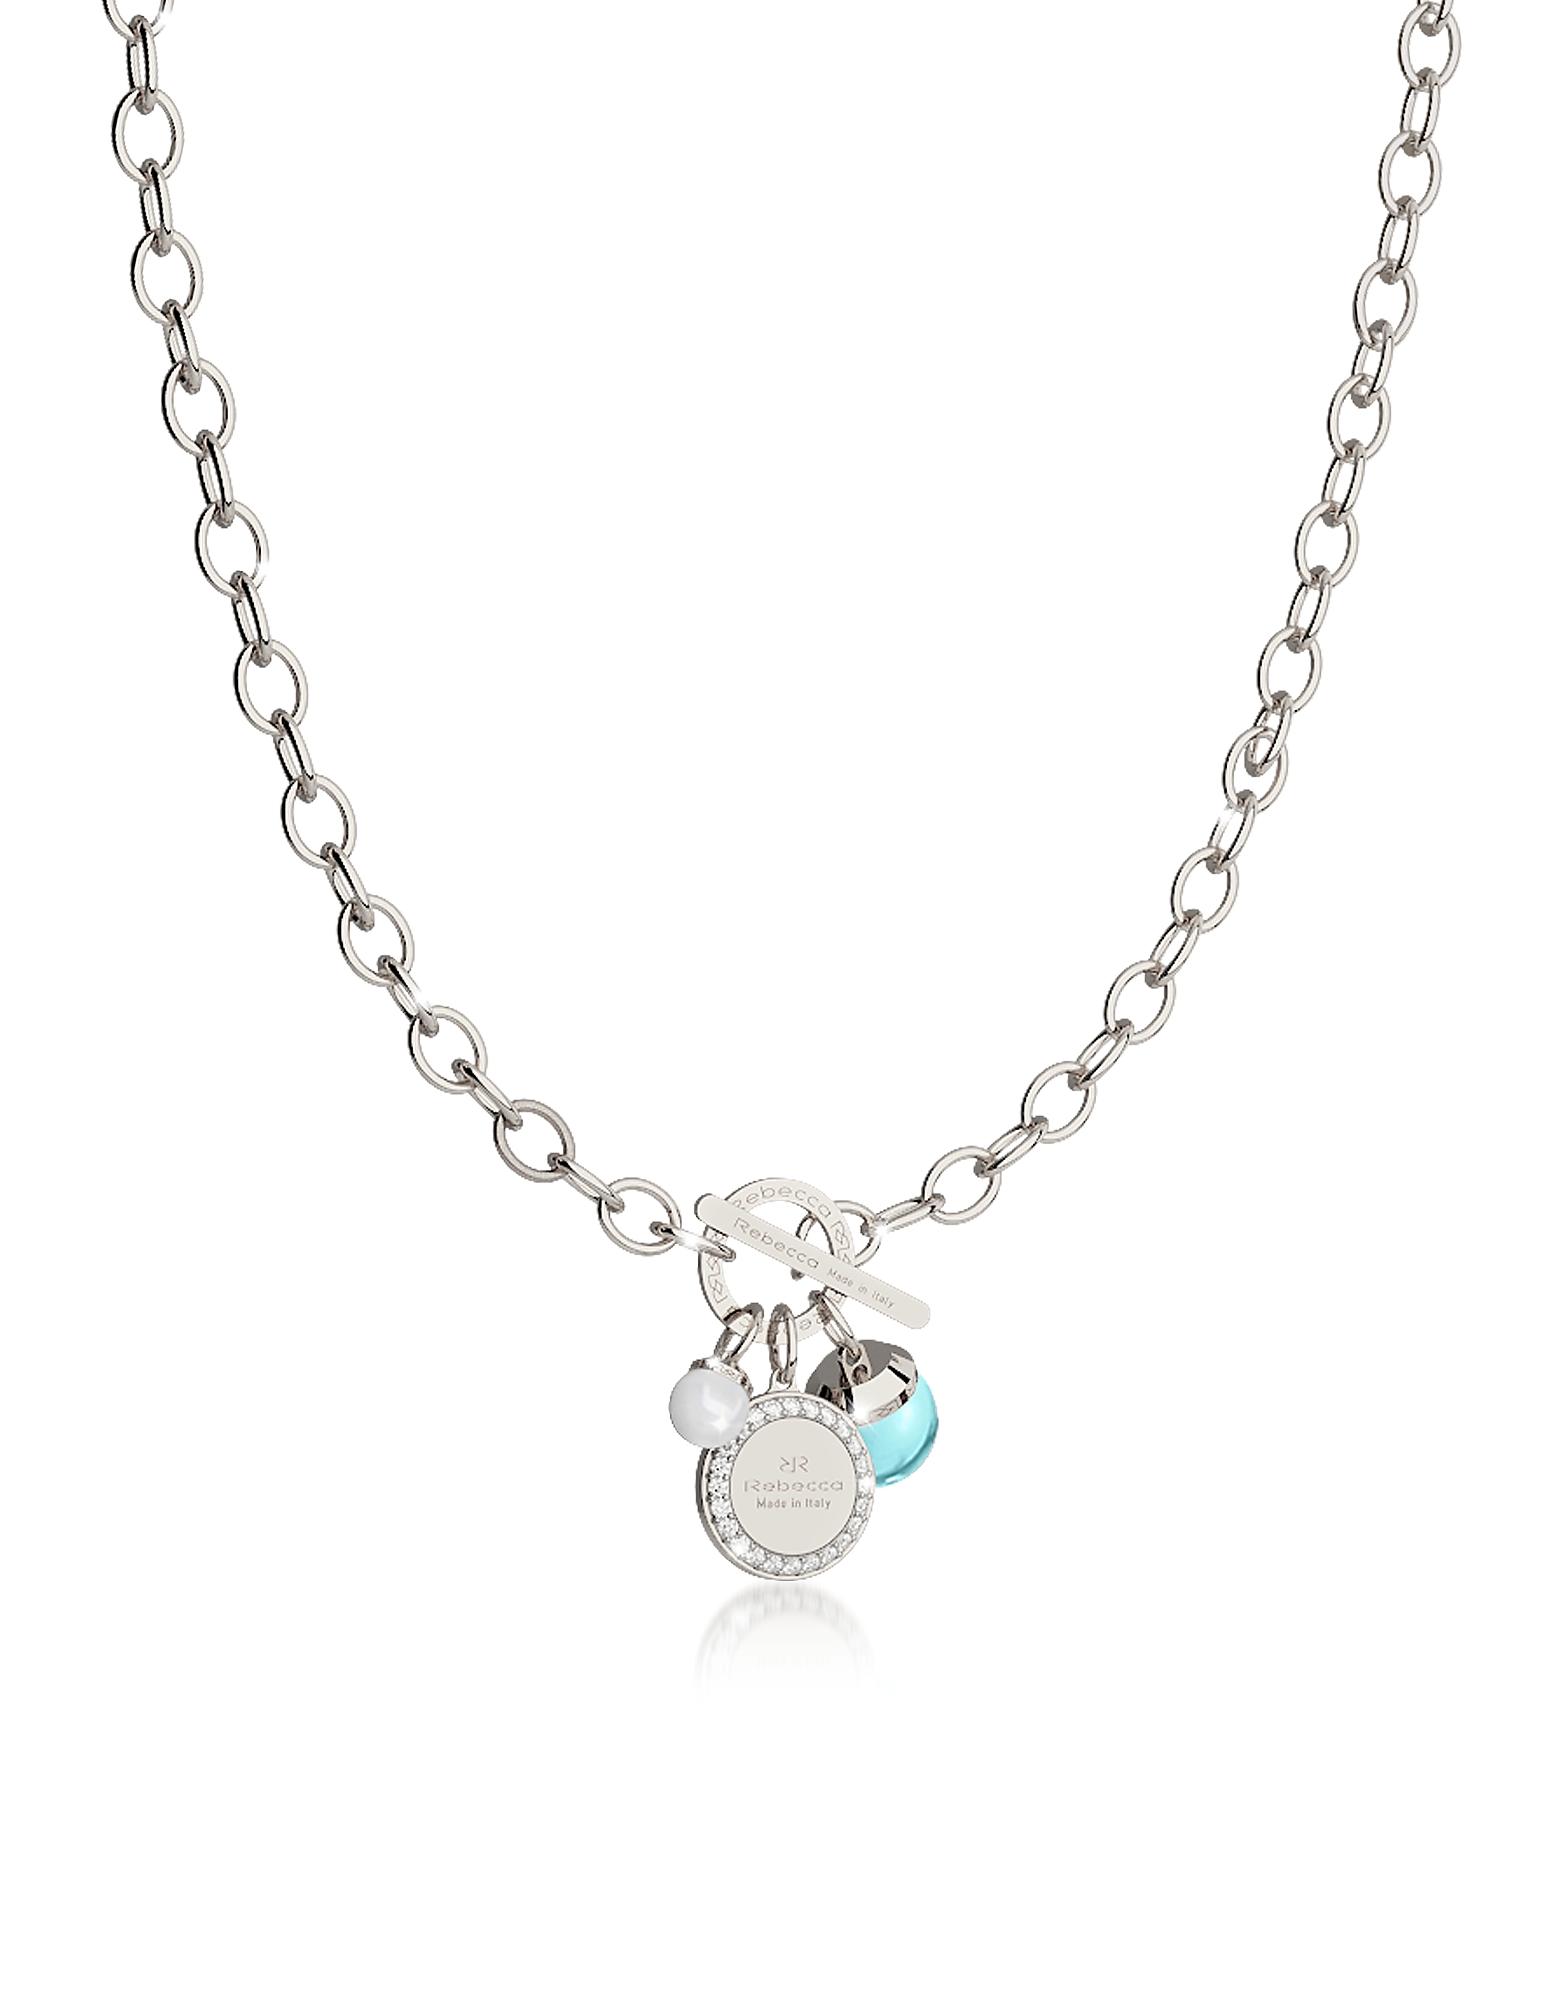 Hollywood Stone - Ожерелье из Бронзы с Родиевым Покрытием, Бирюзовым Гидротермальным Камнем и Стеклянной Жемчужиной